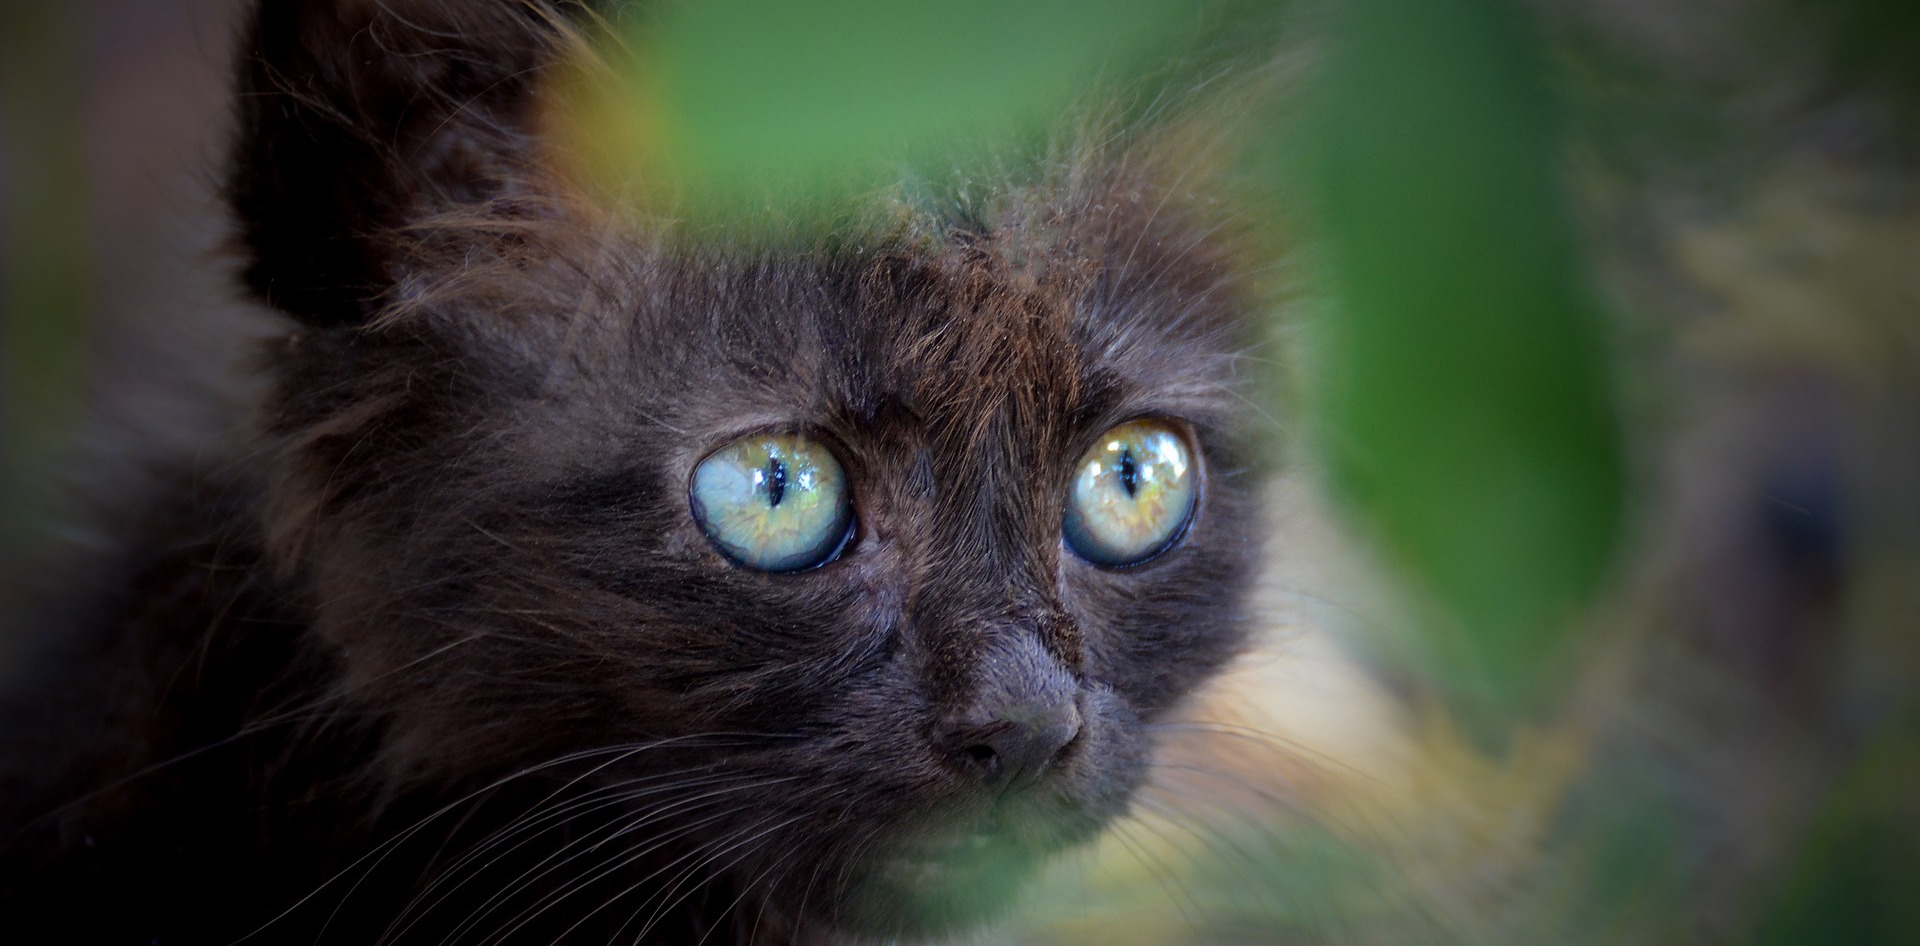 Cat look